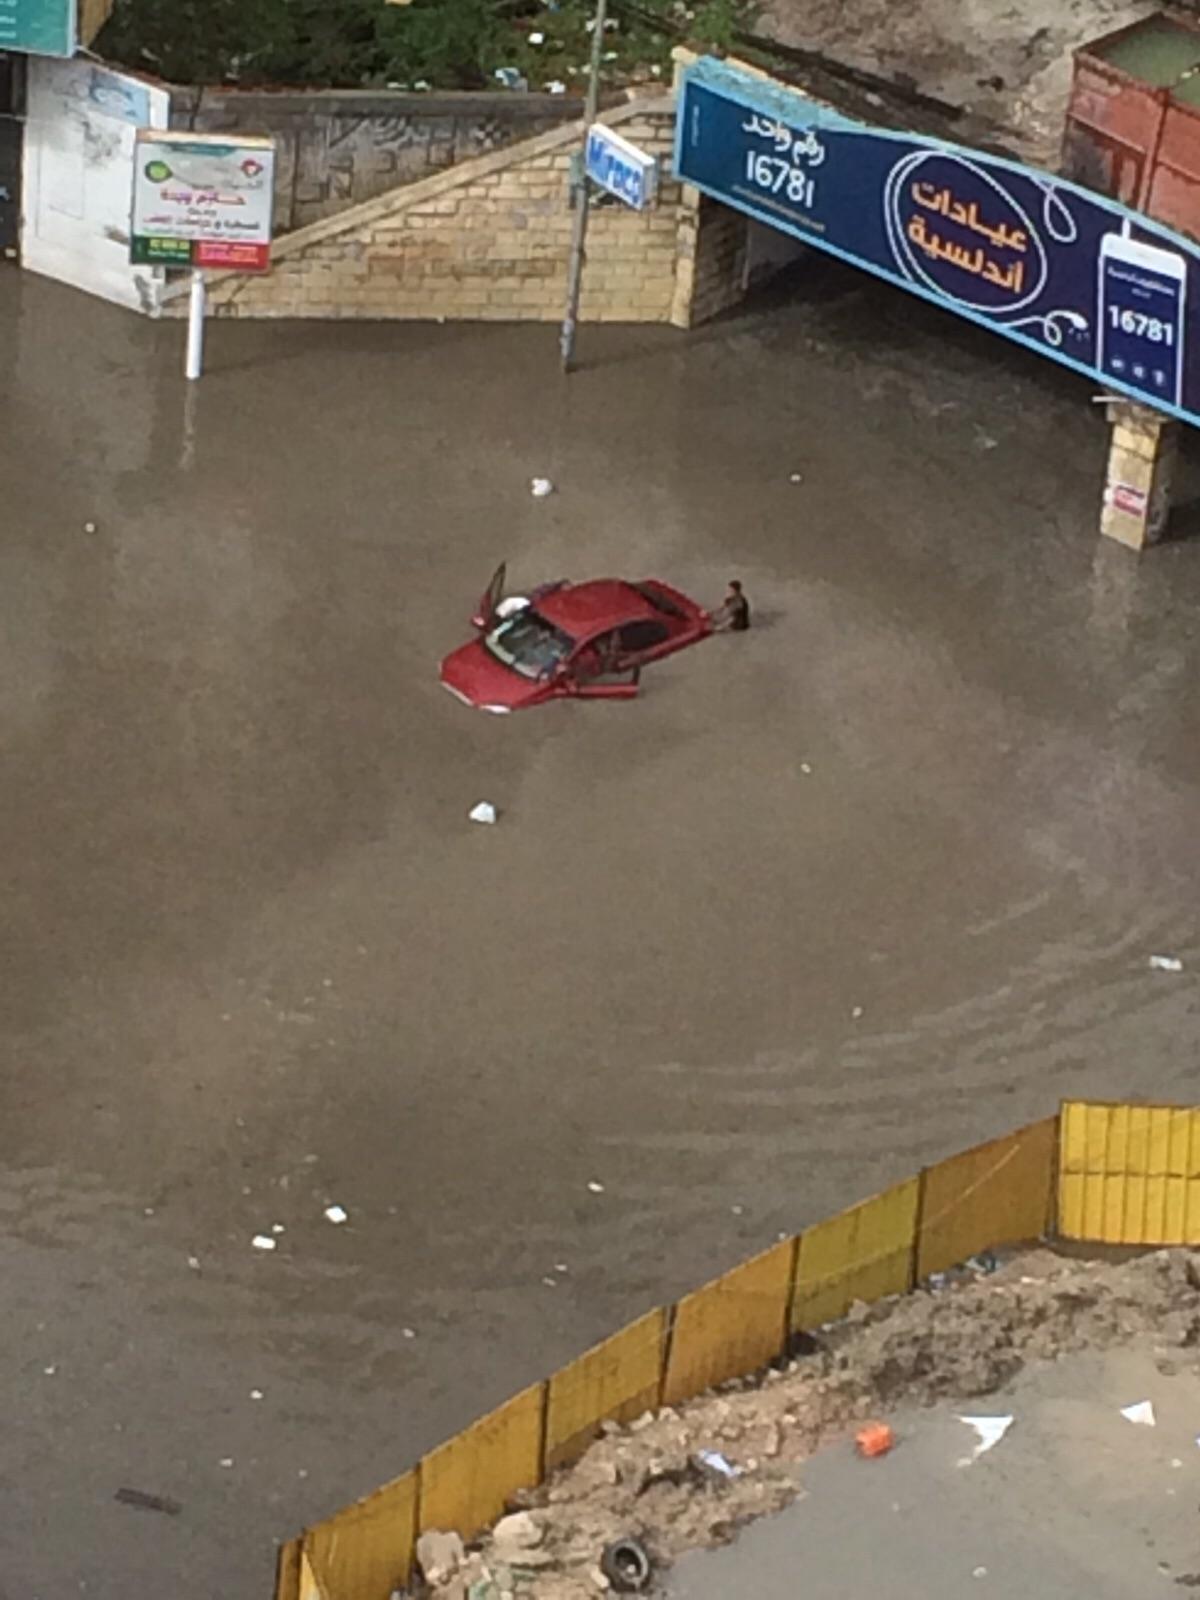 بالصور.. «كليوباترا» تتحول لبحيرة عائمة للسيارات بعد سقوط الأمطار في الإسكندرية